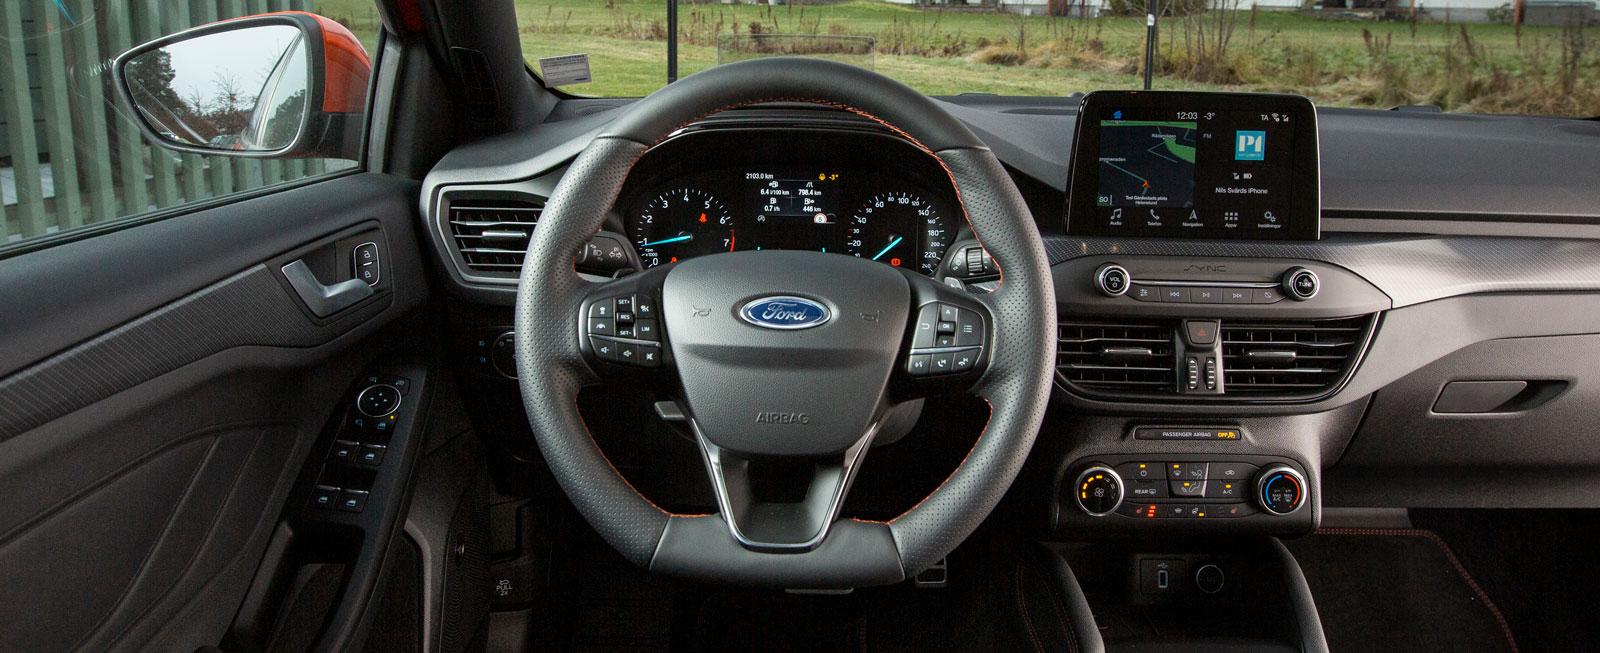 Många små, otydliga knappar i Ford-ratten. I övrigt en tydlig förarplats. Alla gillade inte Fords mjukt stoppade framstolar.